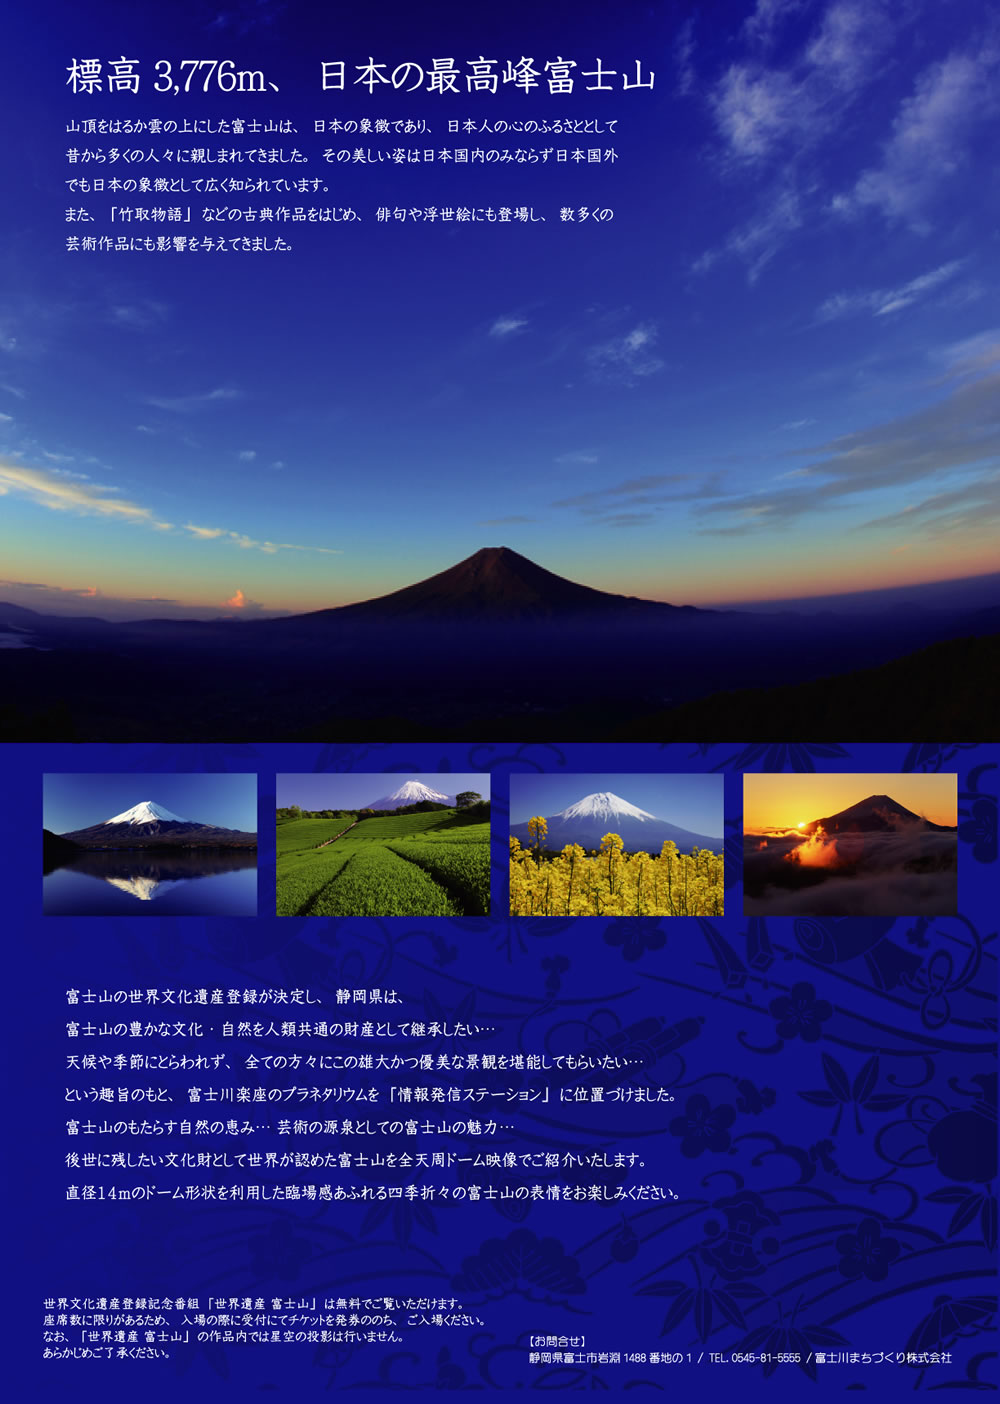 世界遺産 富士山